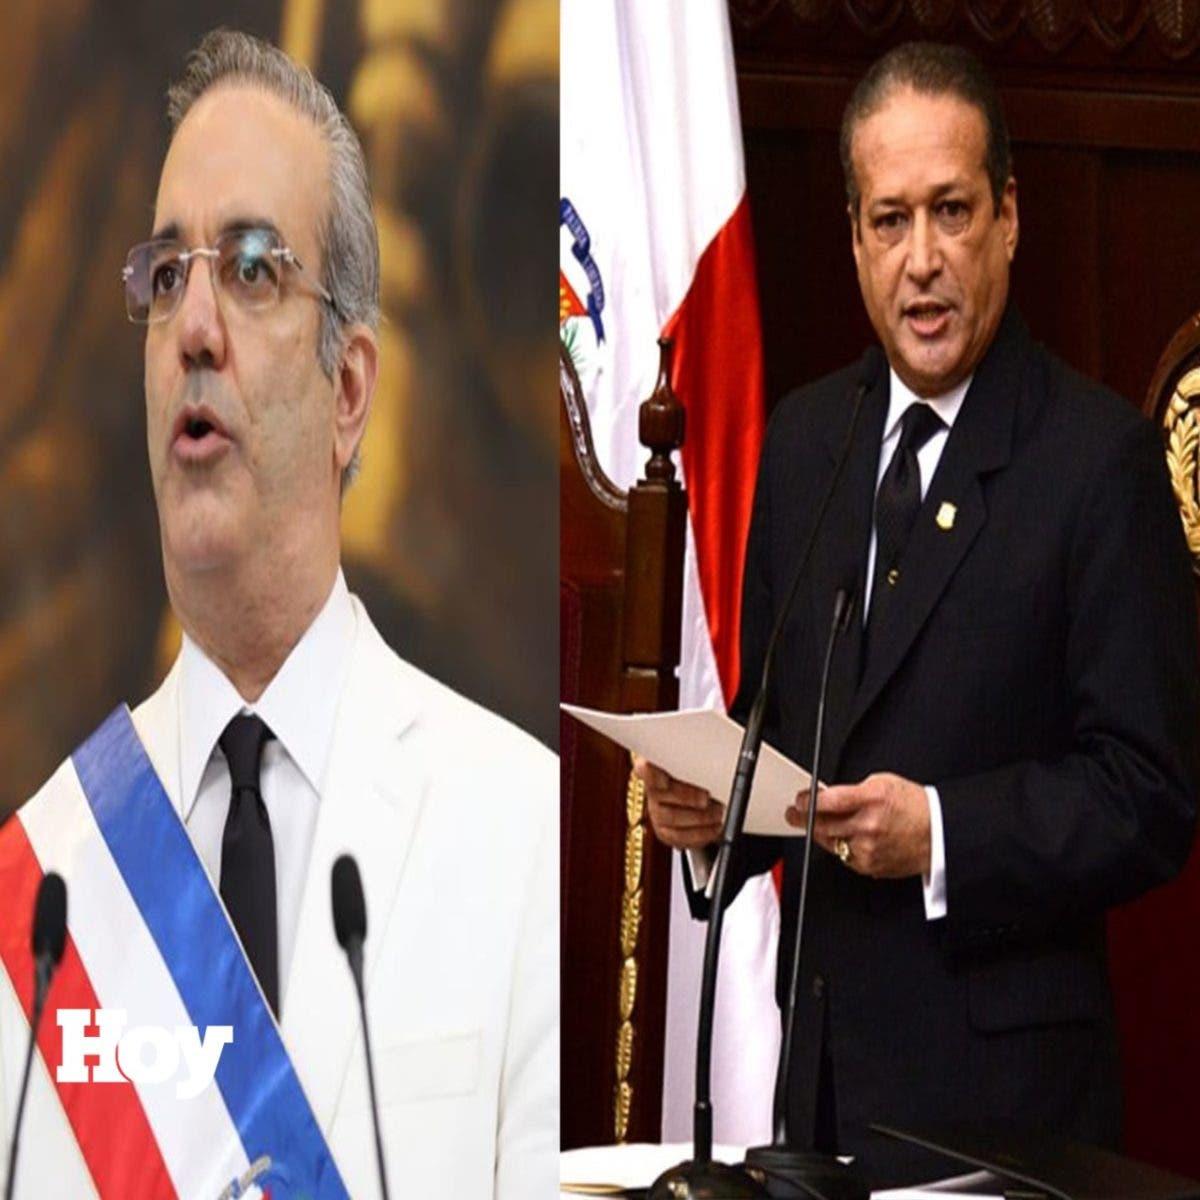 La razón por la que Reinaldo Pared Pérez dice Abinader no rendirá cuentas este 27 de febrero